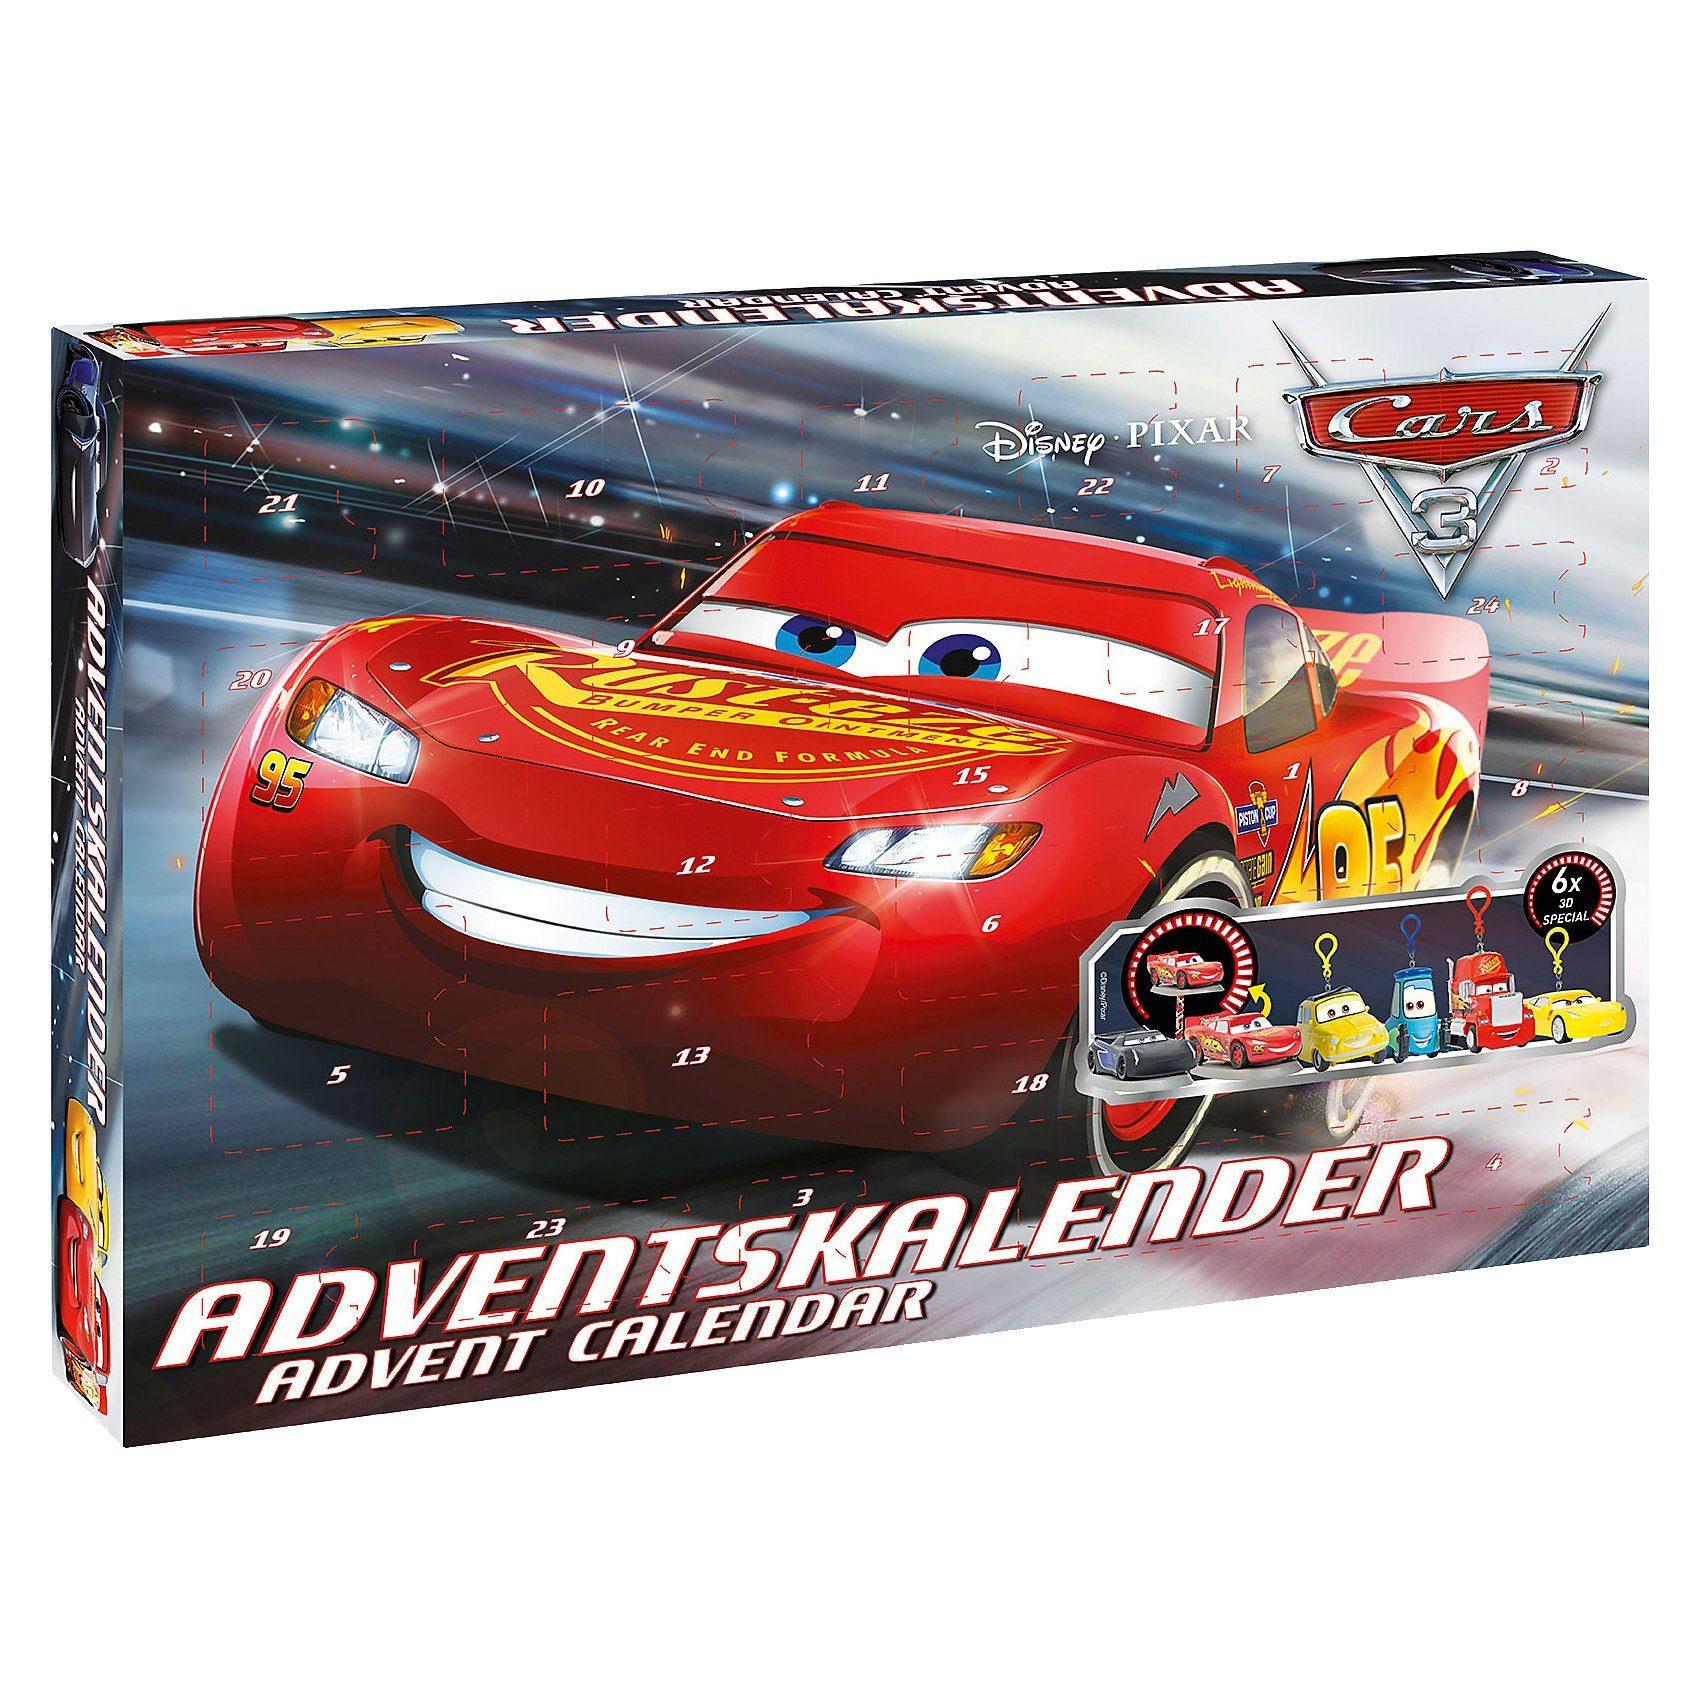 CRAZE Adventskalender - Cars 3